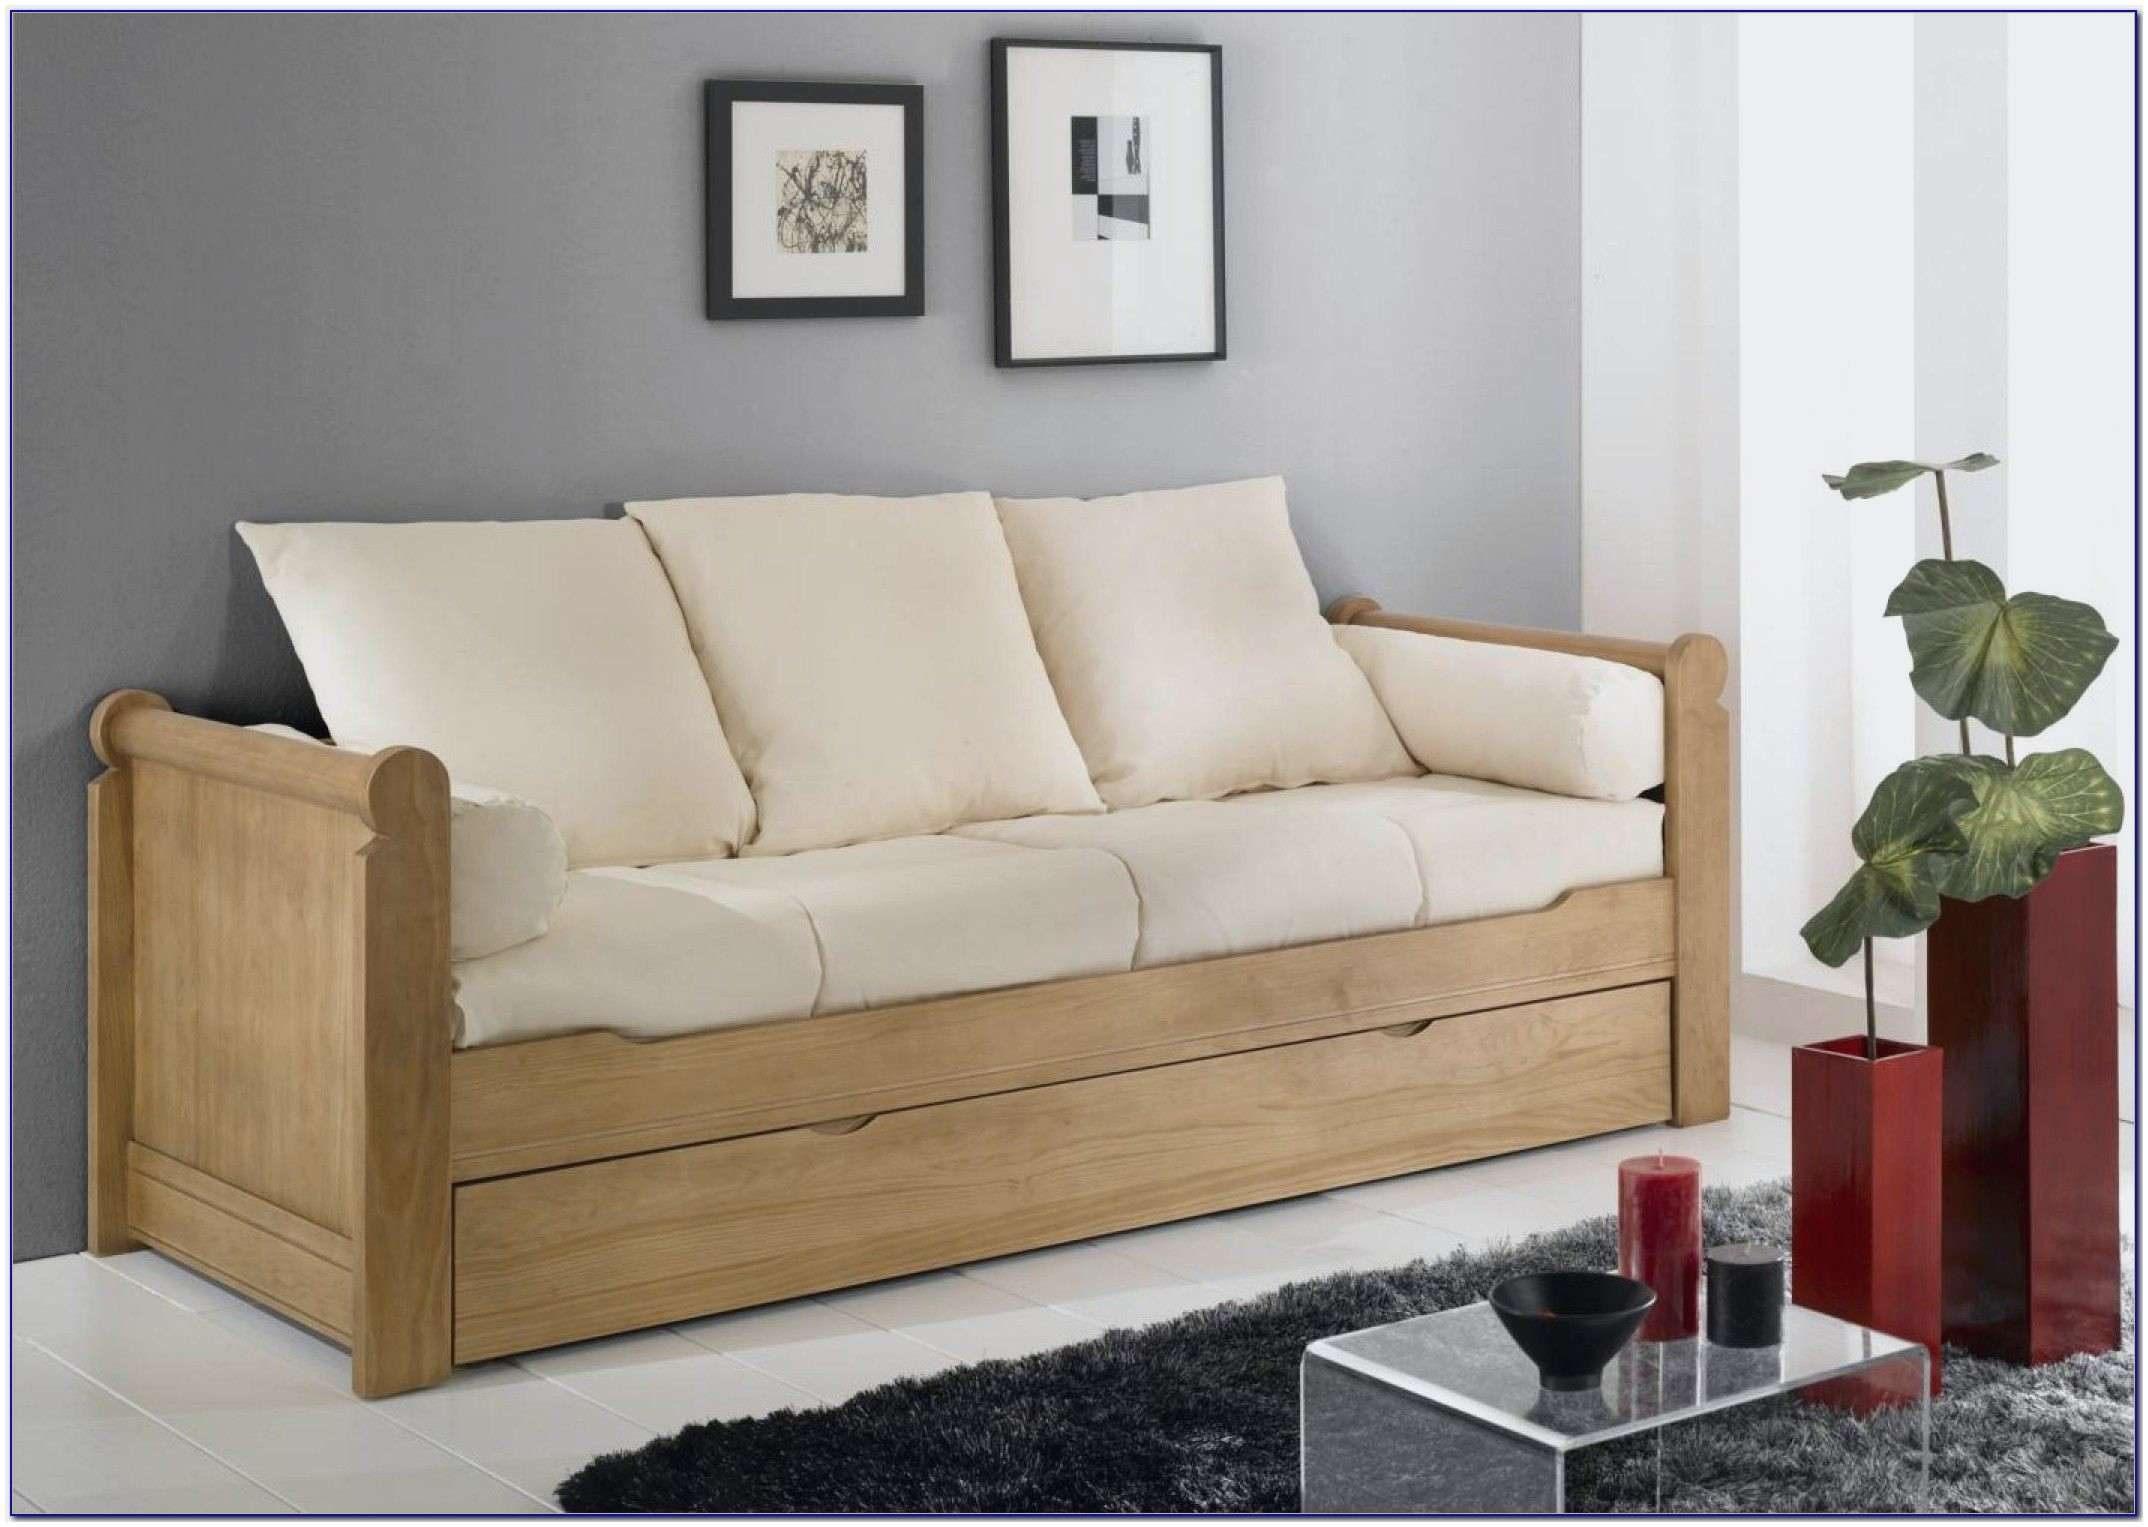 Canapé Lit Pas Cher Fraîche Le Meilleur De Canape D Angle Design Pas Cher Inspirational Table D